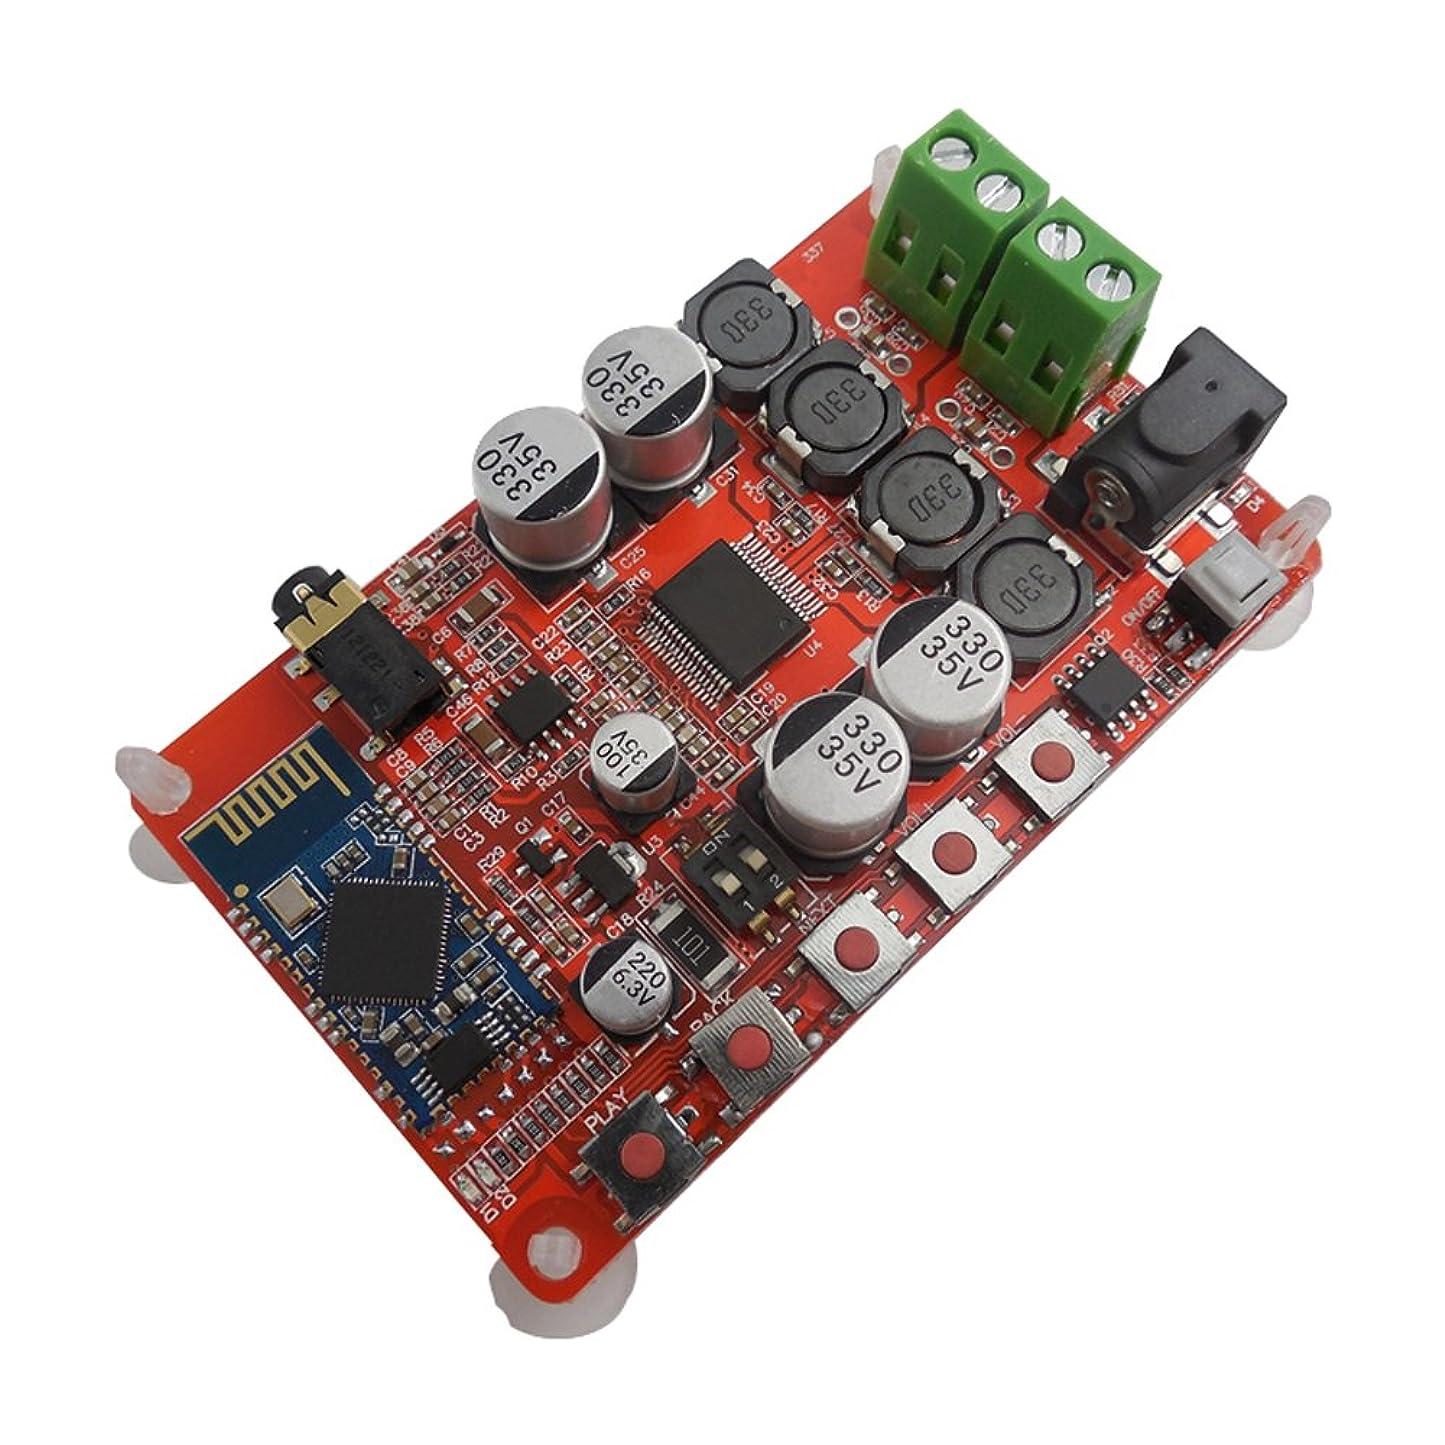 神経障害受付業界クラウドBluetooth tda7492p Bluetoothオーディオレシーバーアンプcsr4.0デジタルアンプボードモジュール